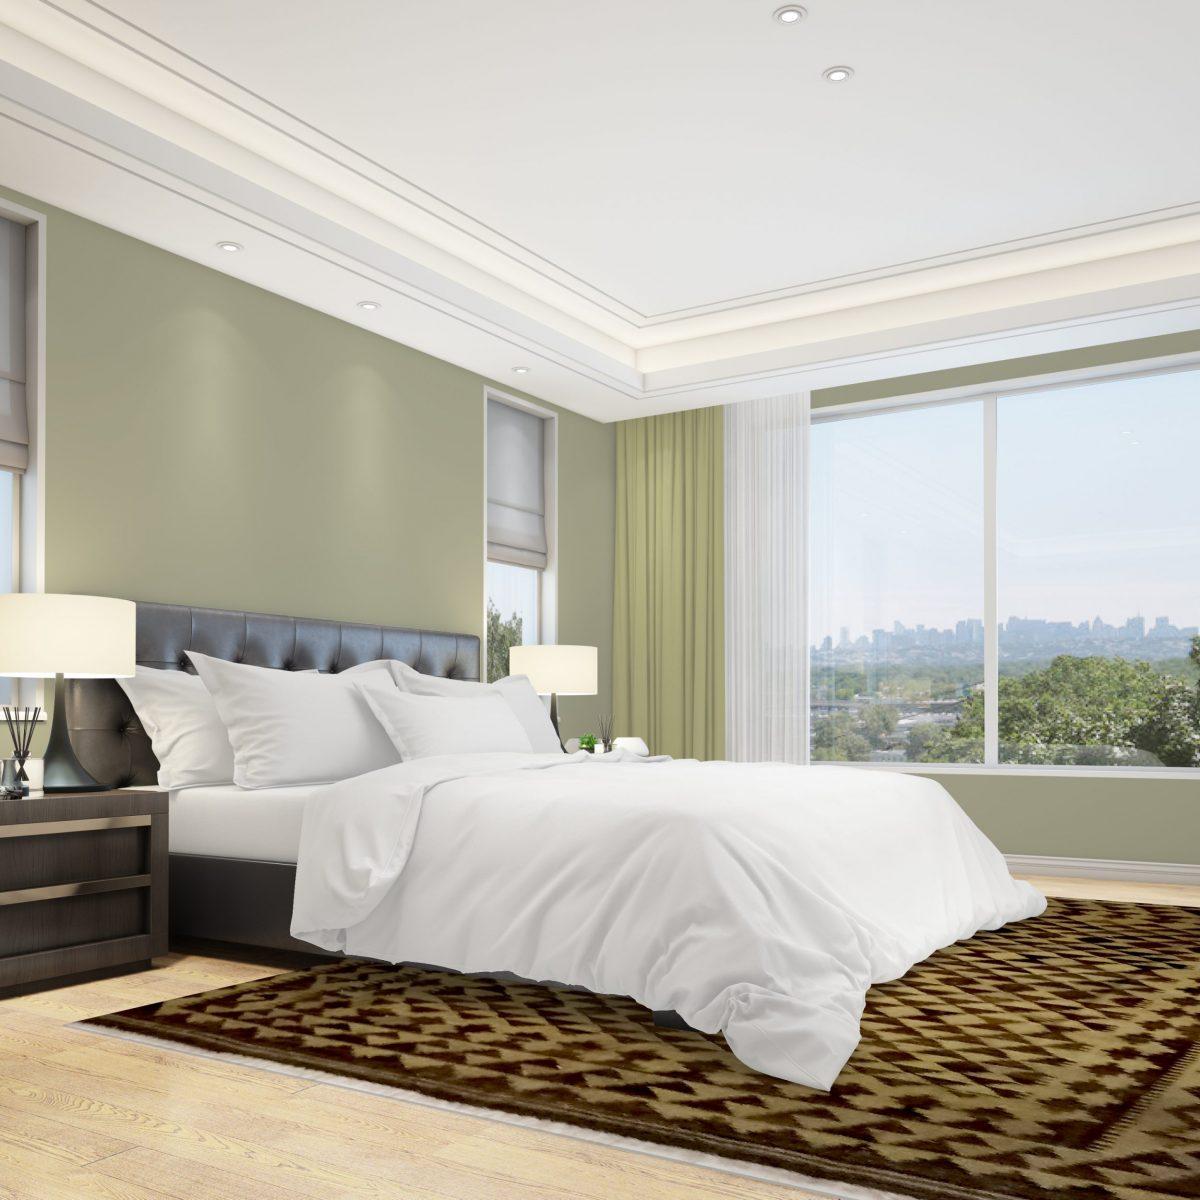 handmade neutral kilim rug